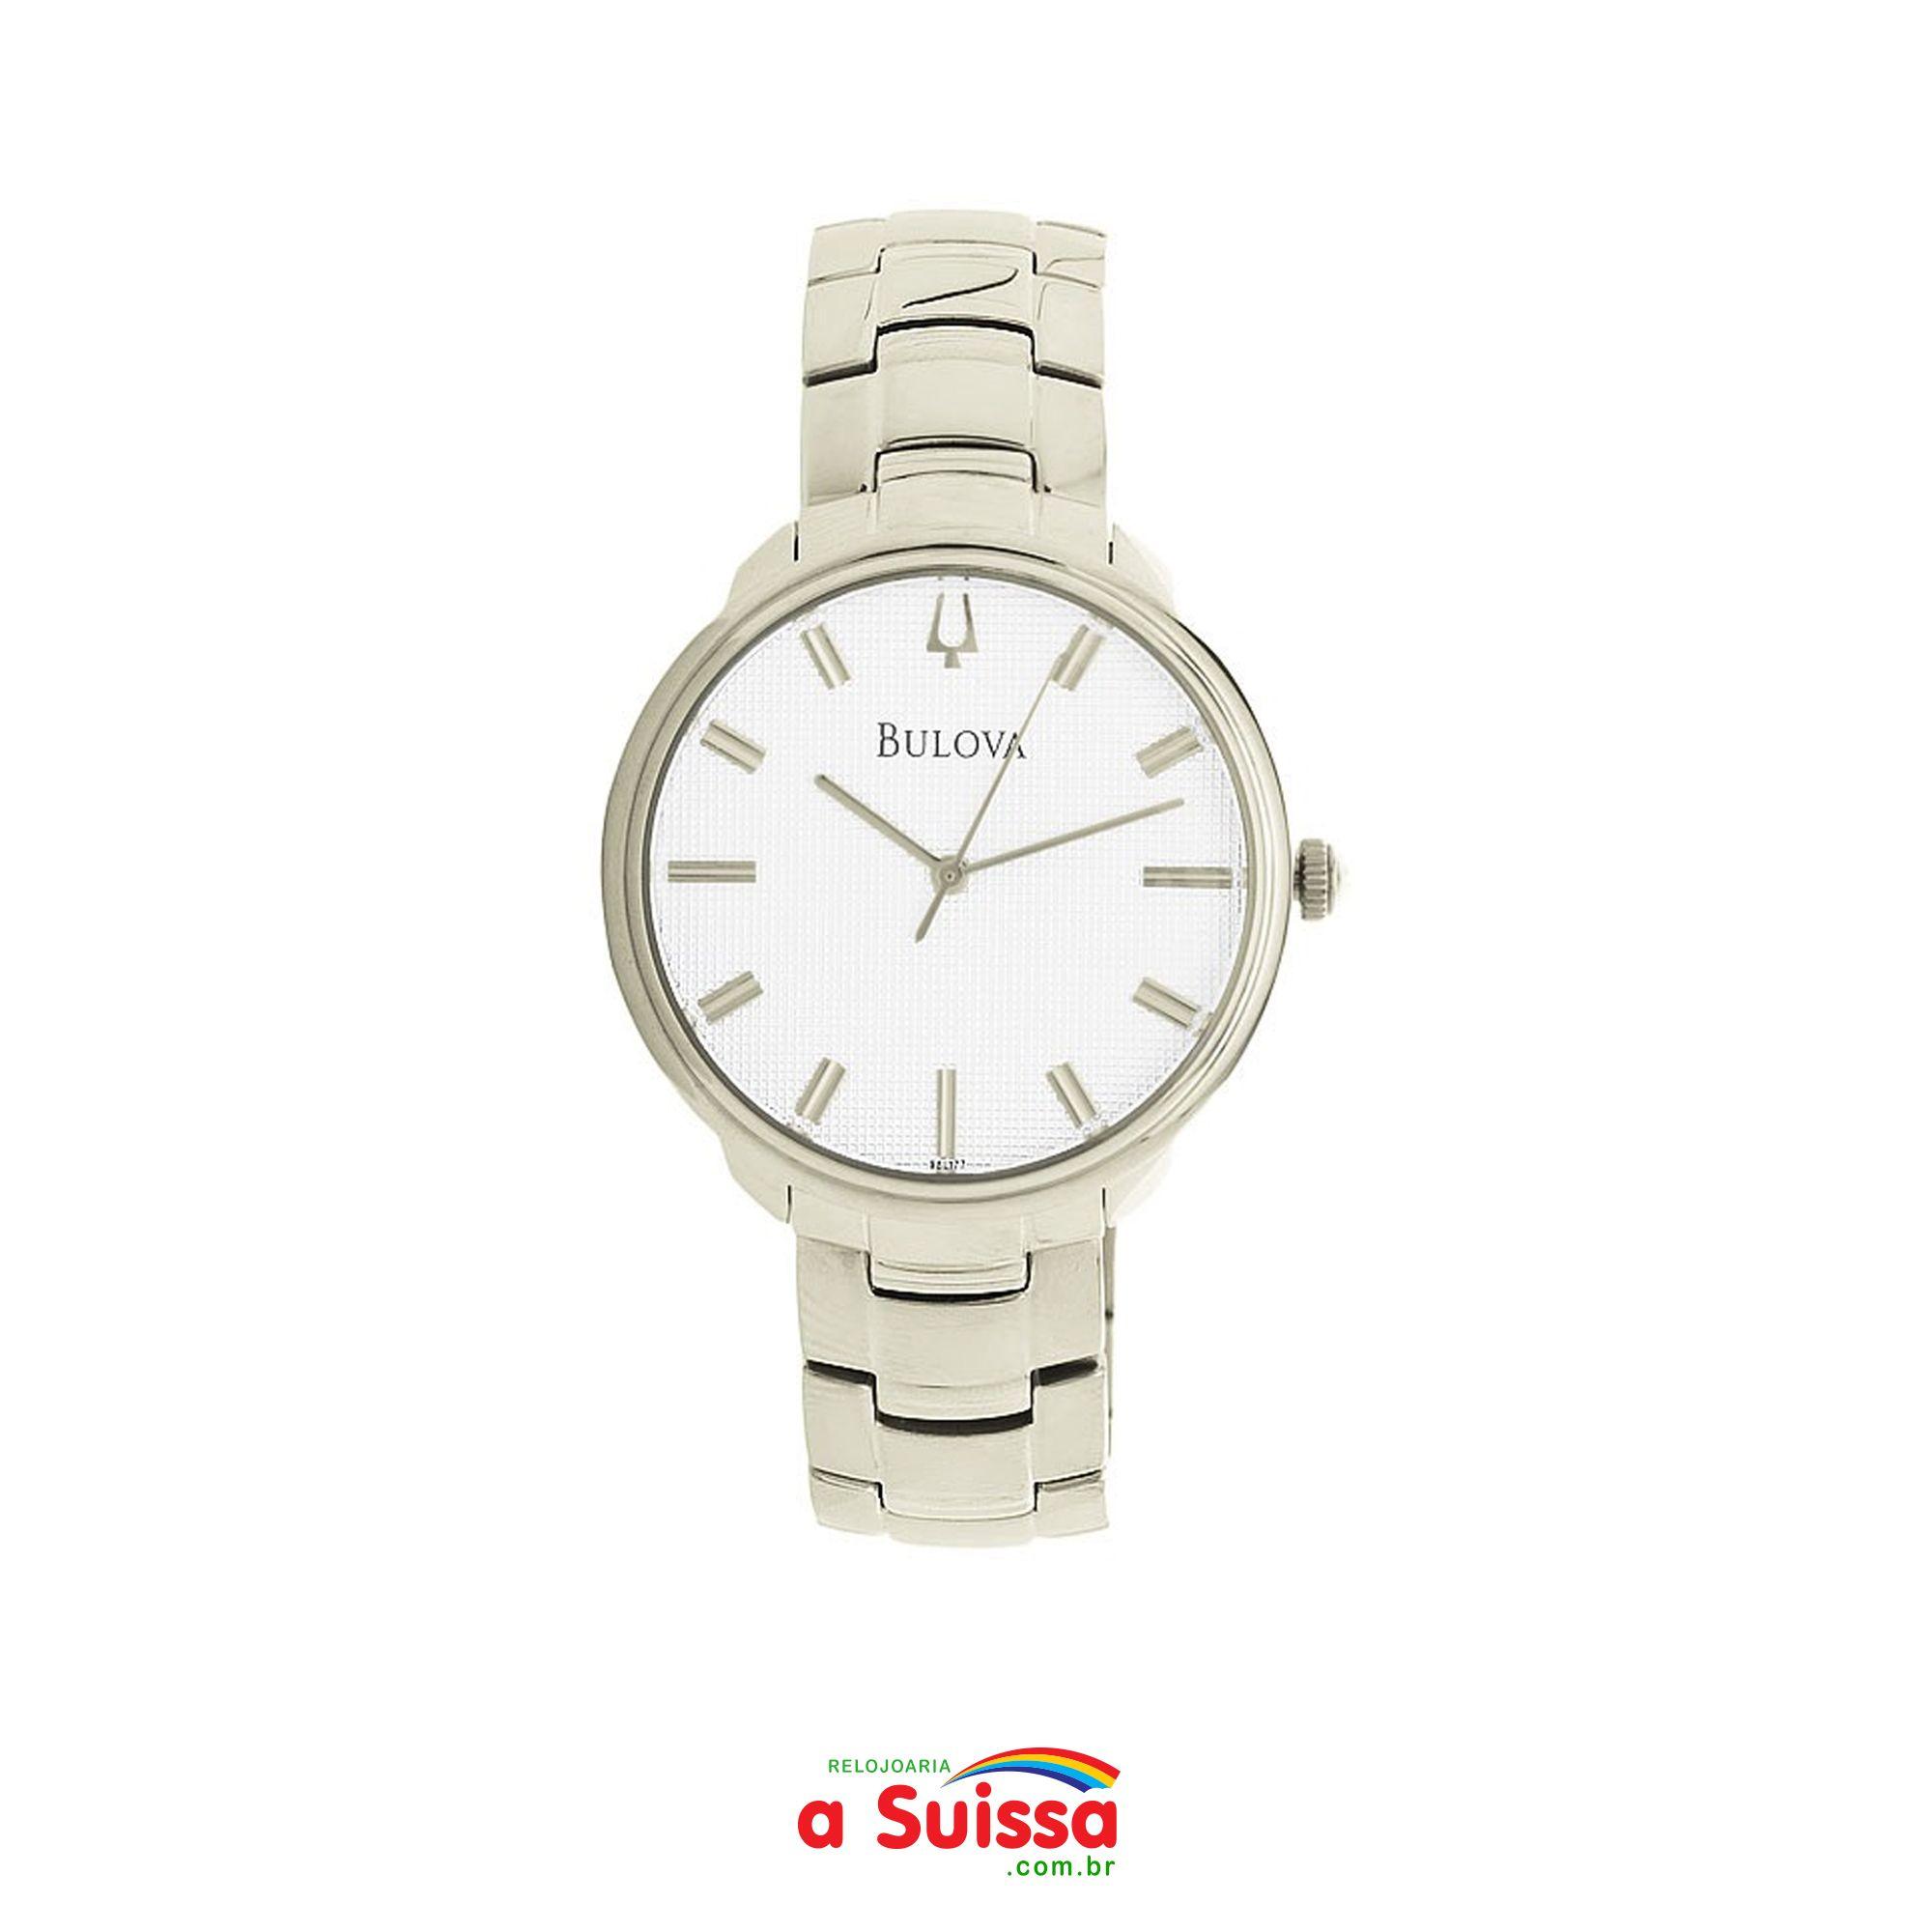 """O relógio masculino é um item capaz de transmitir bastante a personalidade de quem usa. Se no seu dia-a-dia você usa roupas mais sociais como o clássico """"terno e grava"""", procure compor seu visual com relógios que tenham cores mais sóbrias ou com pulseiras metálicas. O clássico nunca sai de moda quando se trata de roupas mais sociais. Encontre seus relógios na Relojoaria A Suissa: http://goo.gl/fMd96x"""